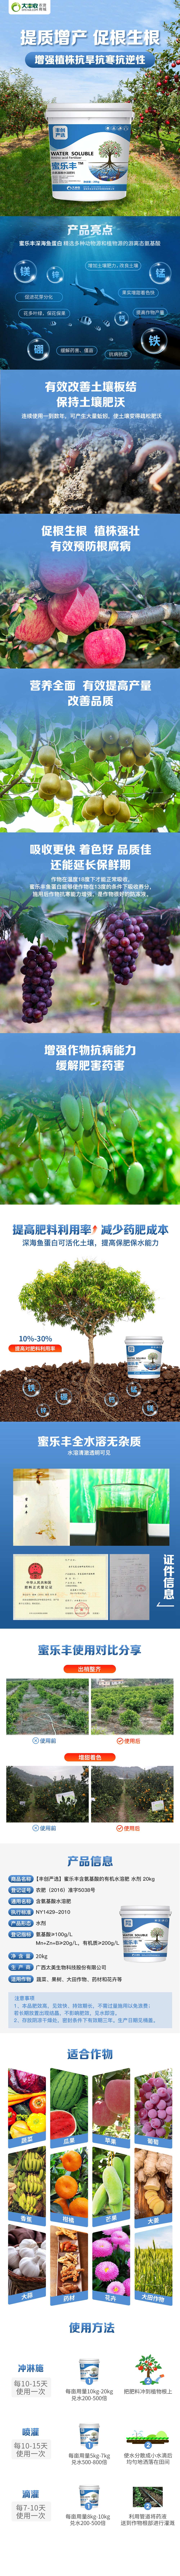 蜜乐丰含氨基酸的有机水溶肥水剂_副本.jpg